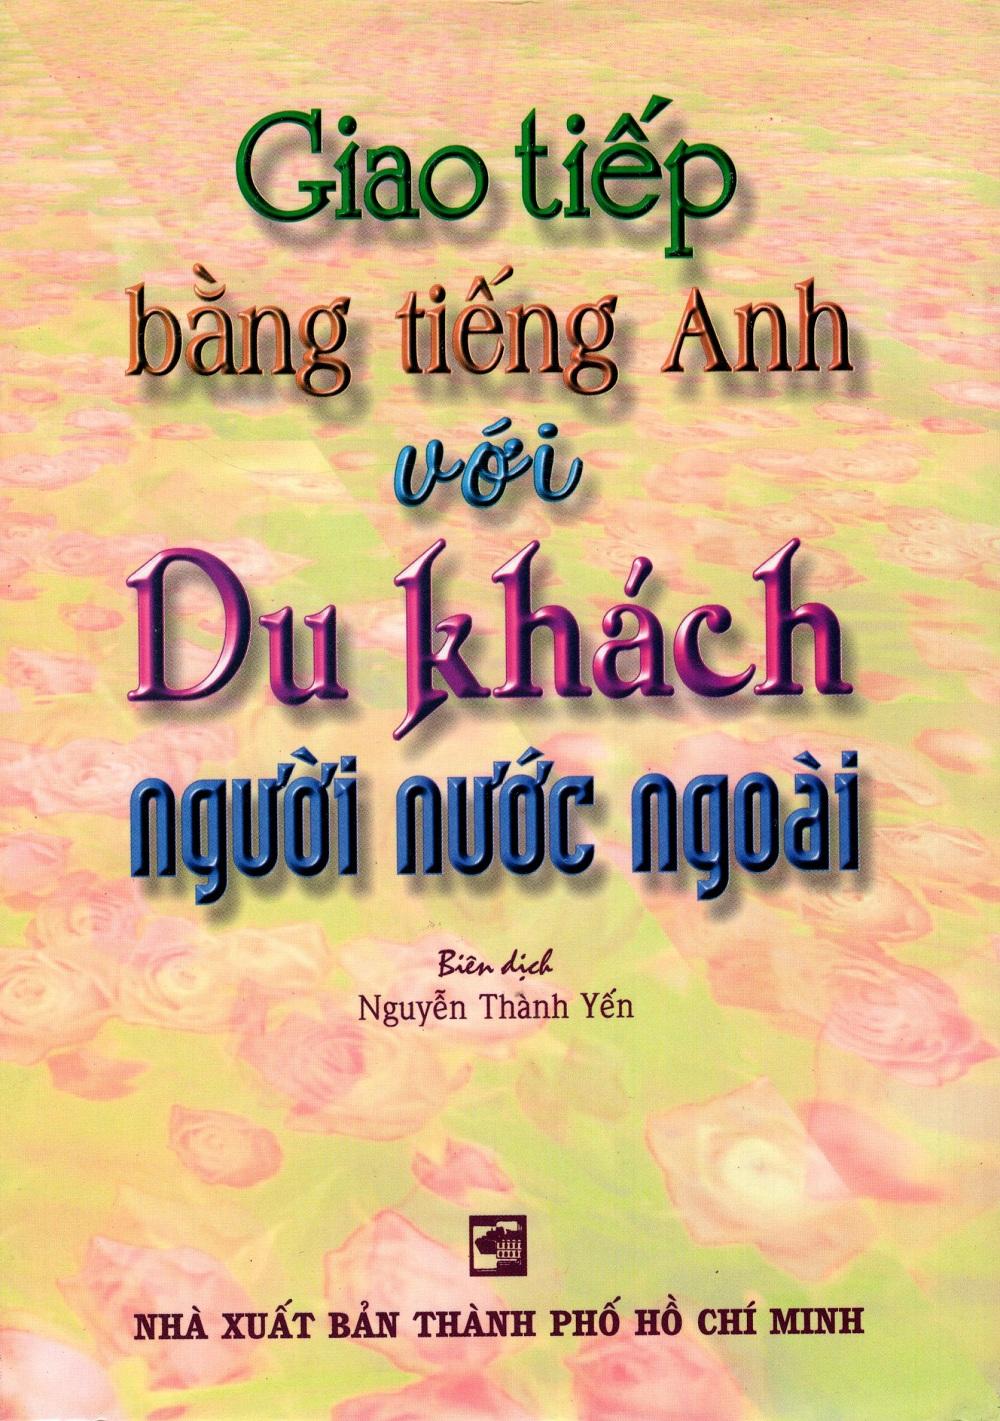 Giao Tiếp Bằng Tiếng Anh Với Du Khách Người Nước Ngoài - 9390266 , 3106816606997 , 62_274717 , 44000 , Giao-Tiep-Bang-Tieng-Anh-Voi-Du-Khach-Nguoi-Nuoc-Ngoai-62_274717 , tiki.vn , Giao Tiếp Bằng Tiếng Anh Với Du Khách Người Nước Ngoài